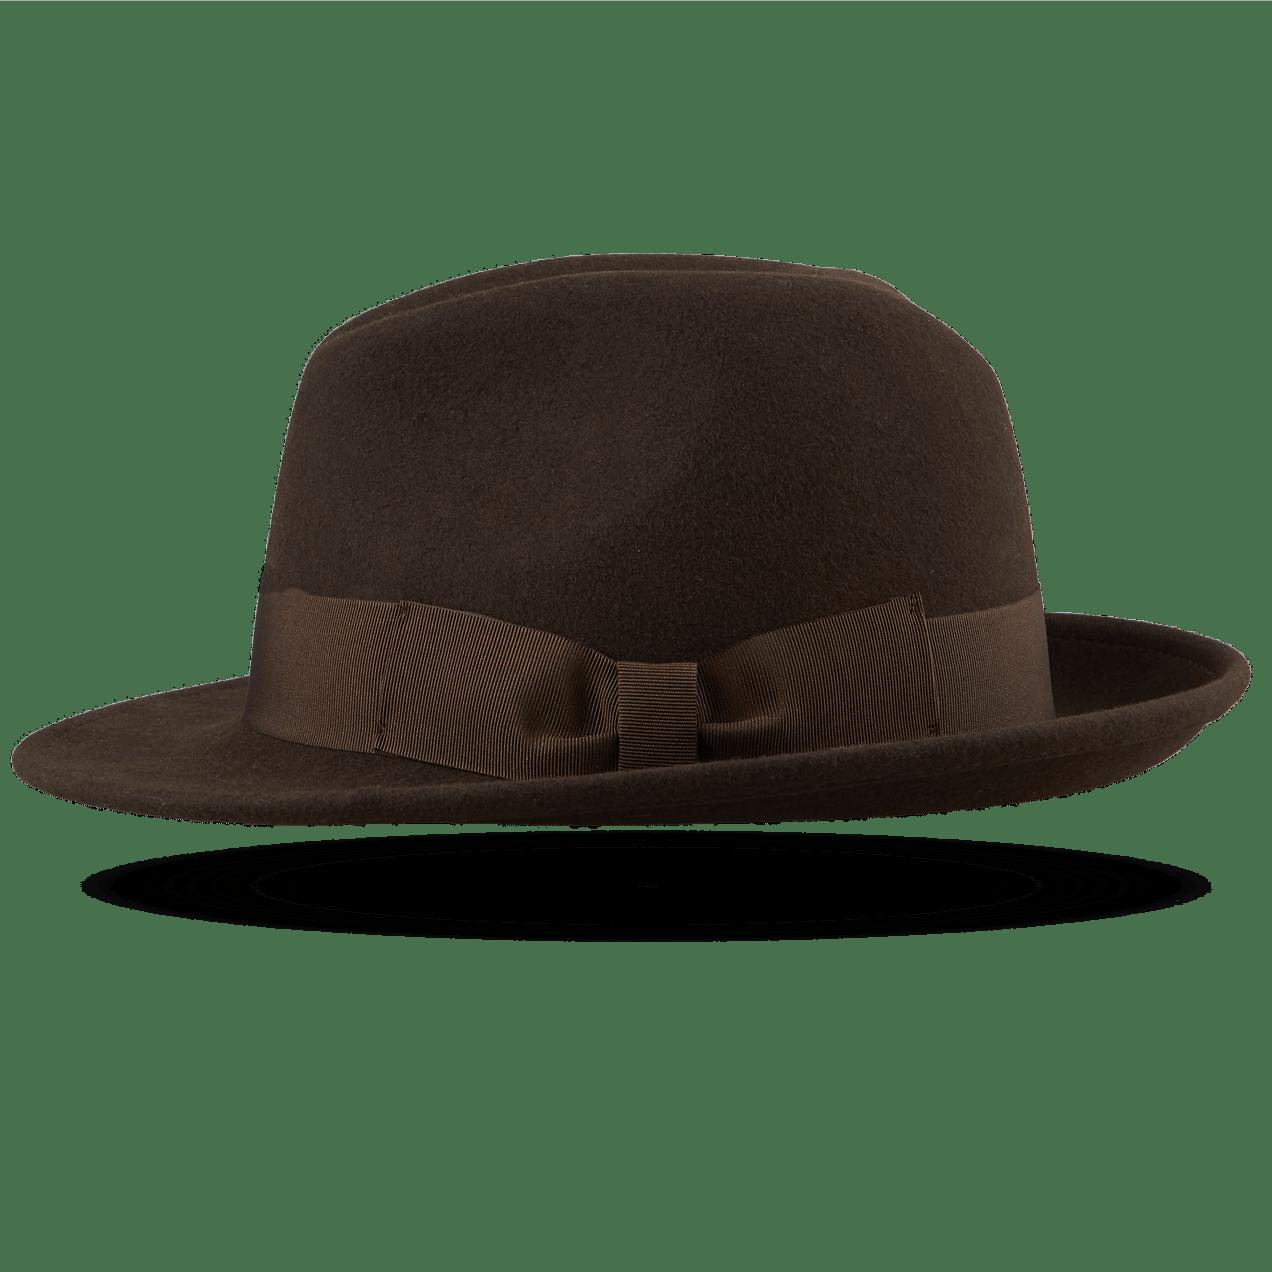 Brown Fedora Hat Left